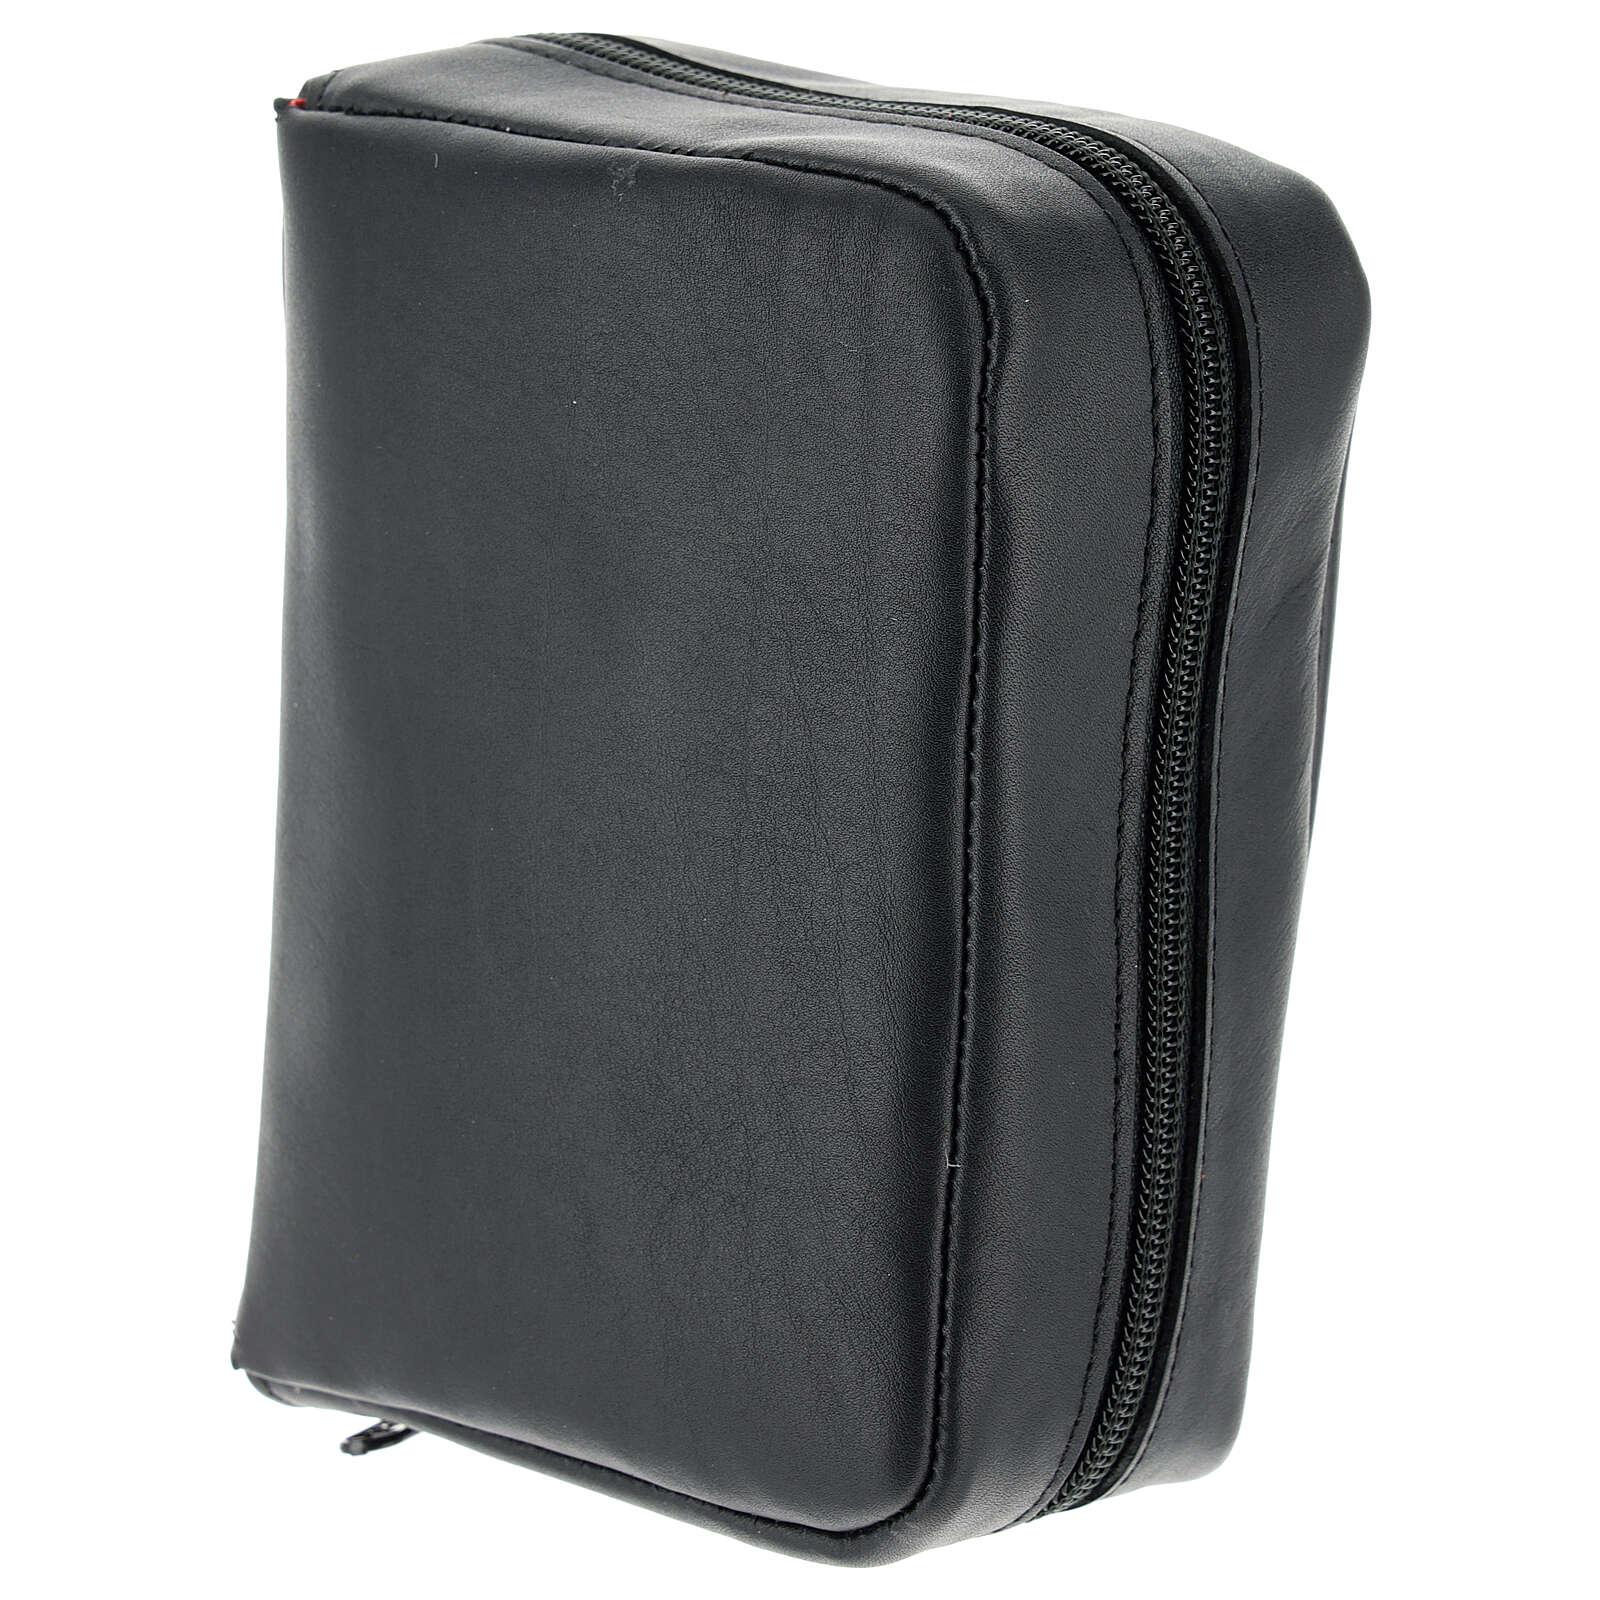 Custodia Bibbia Gerusalemme tascabile nera pelle zip 4